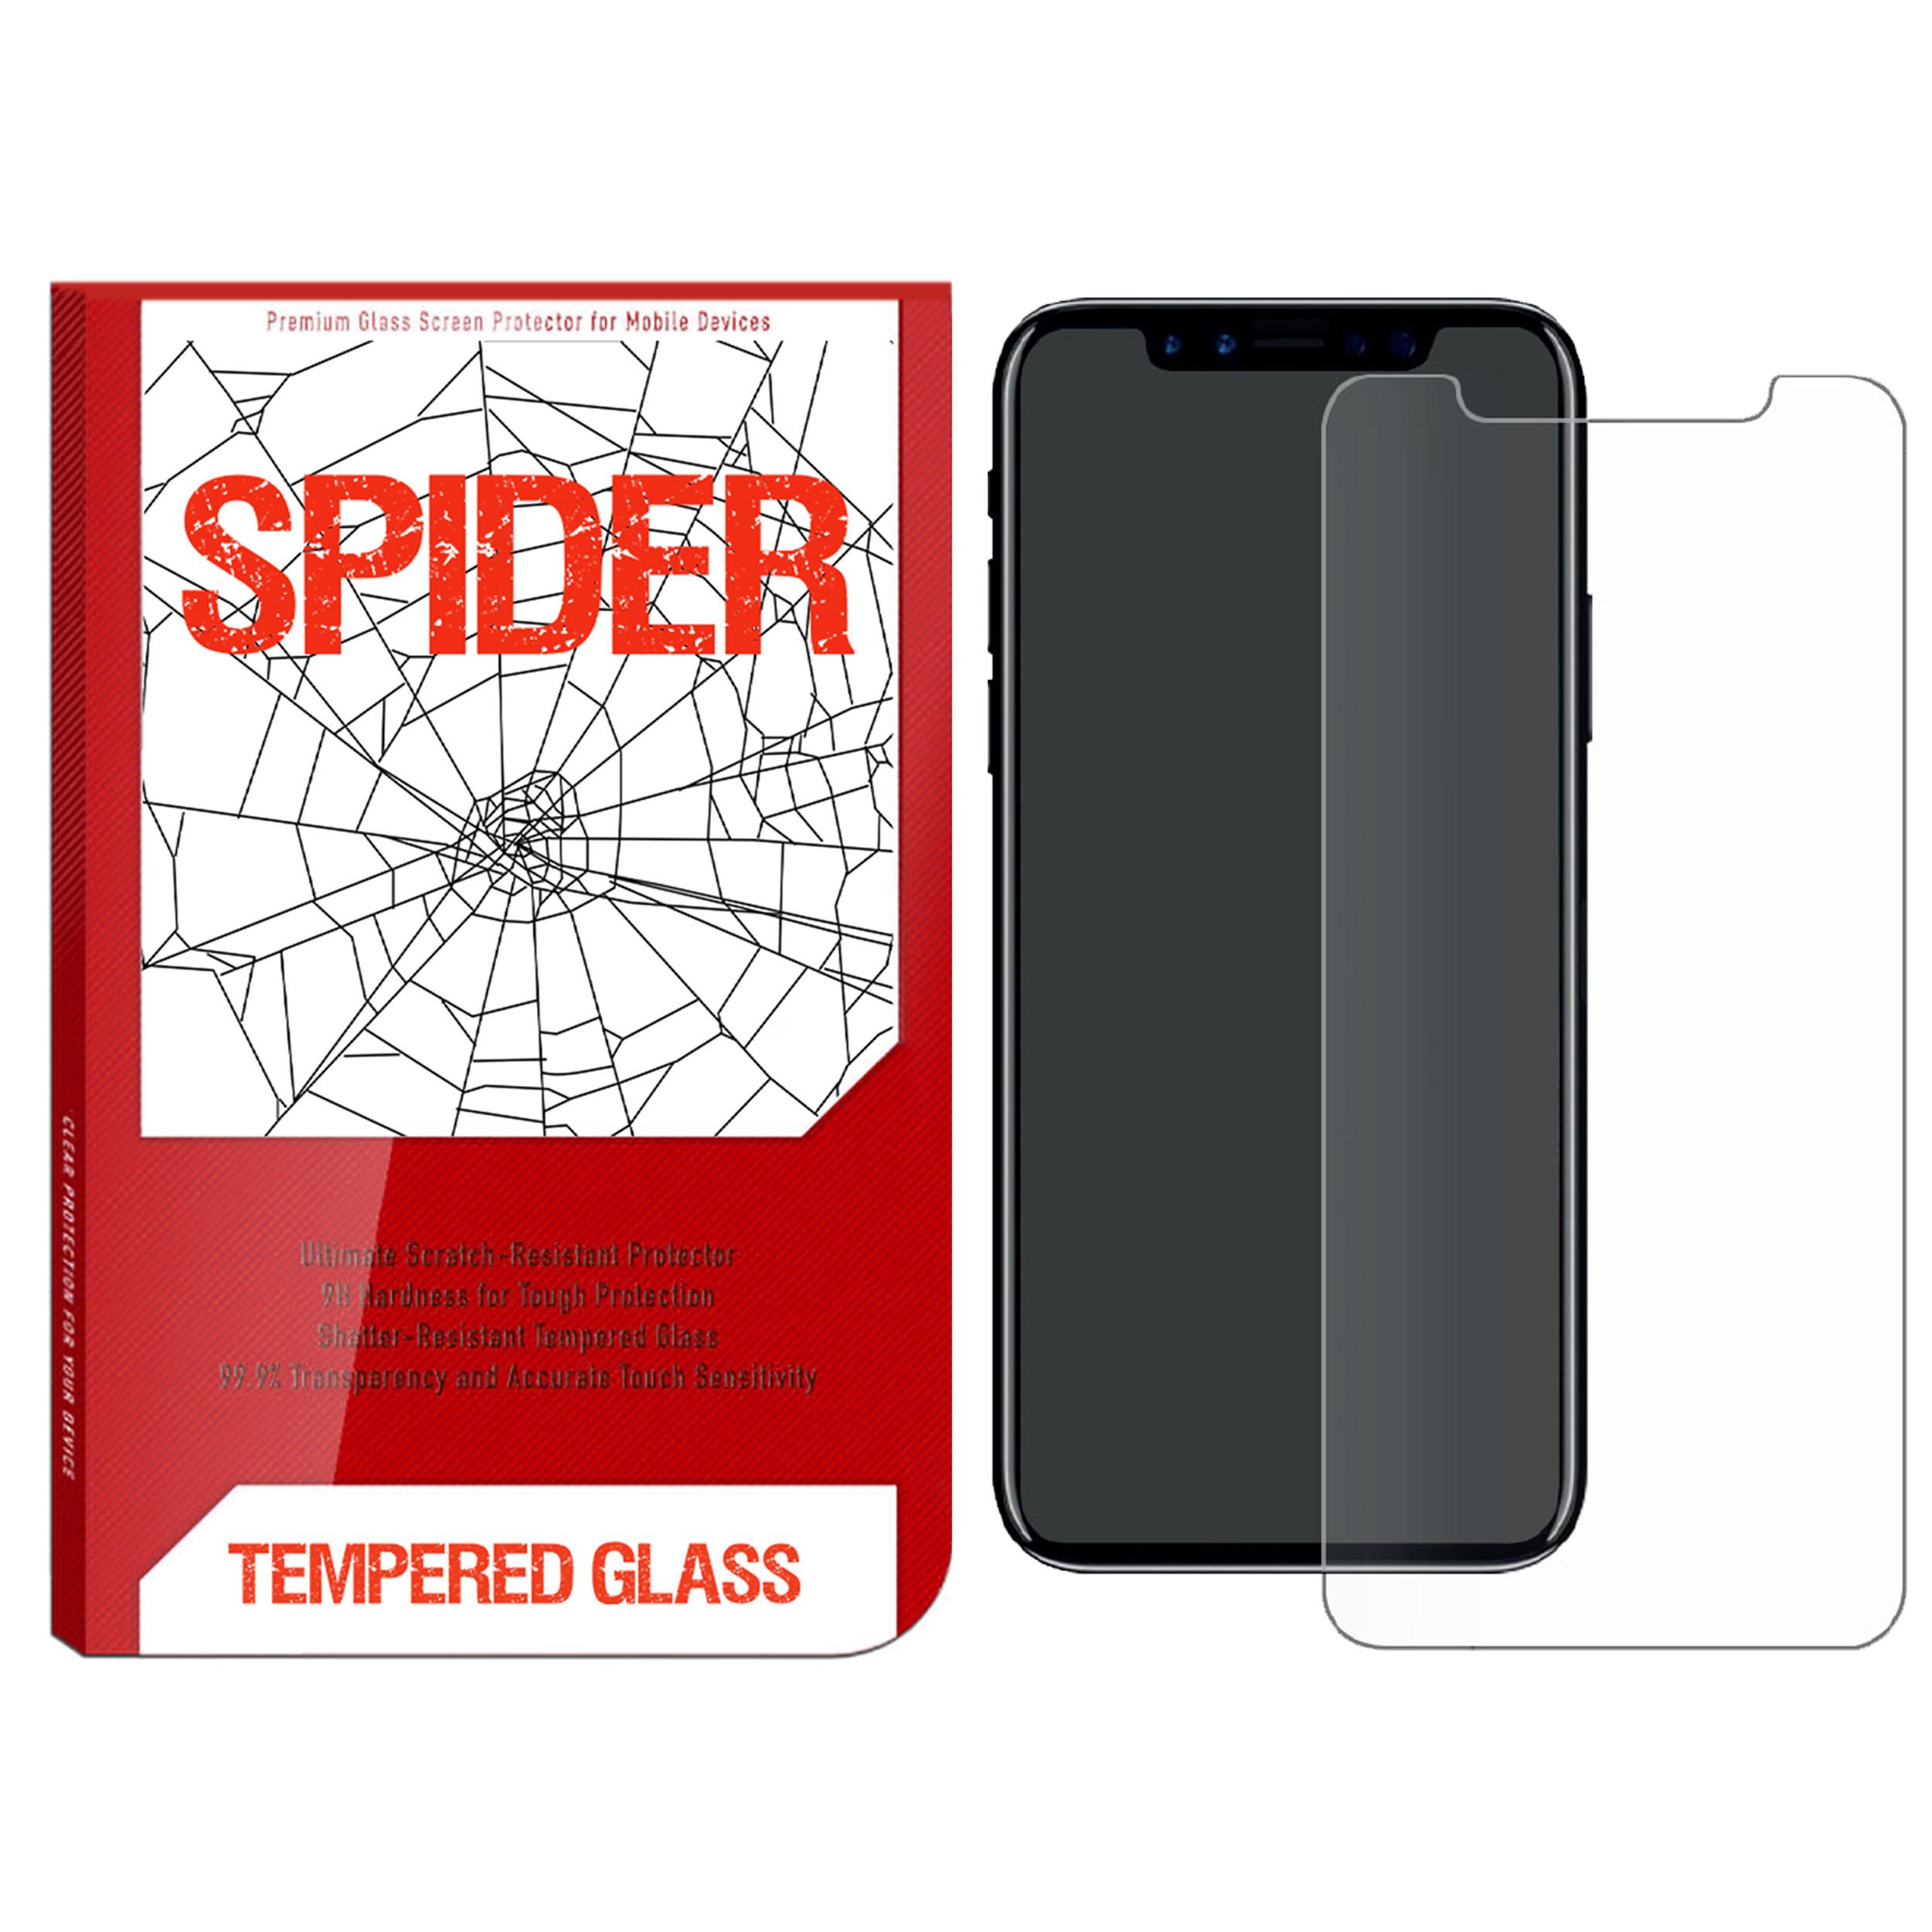 محافظ صفحه نمایش اسپایدر مدل S-TMP11 مناسب برای گوشی موبایل اپل iPhone 11 Pro